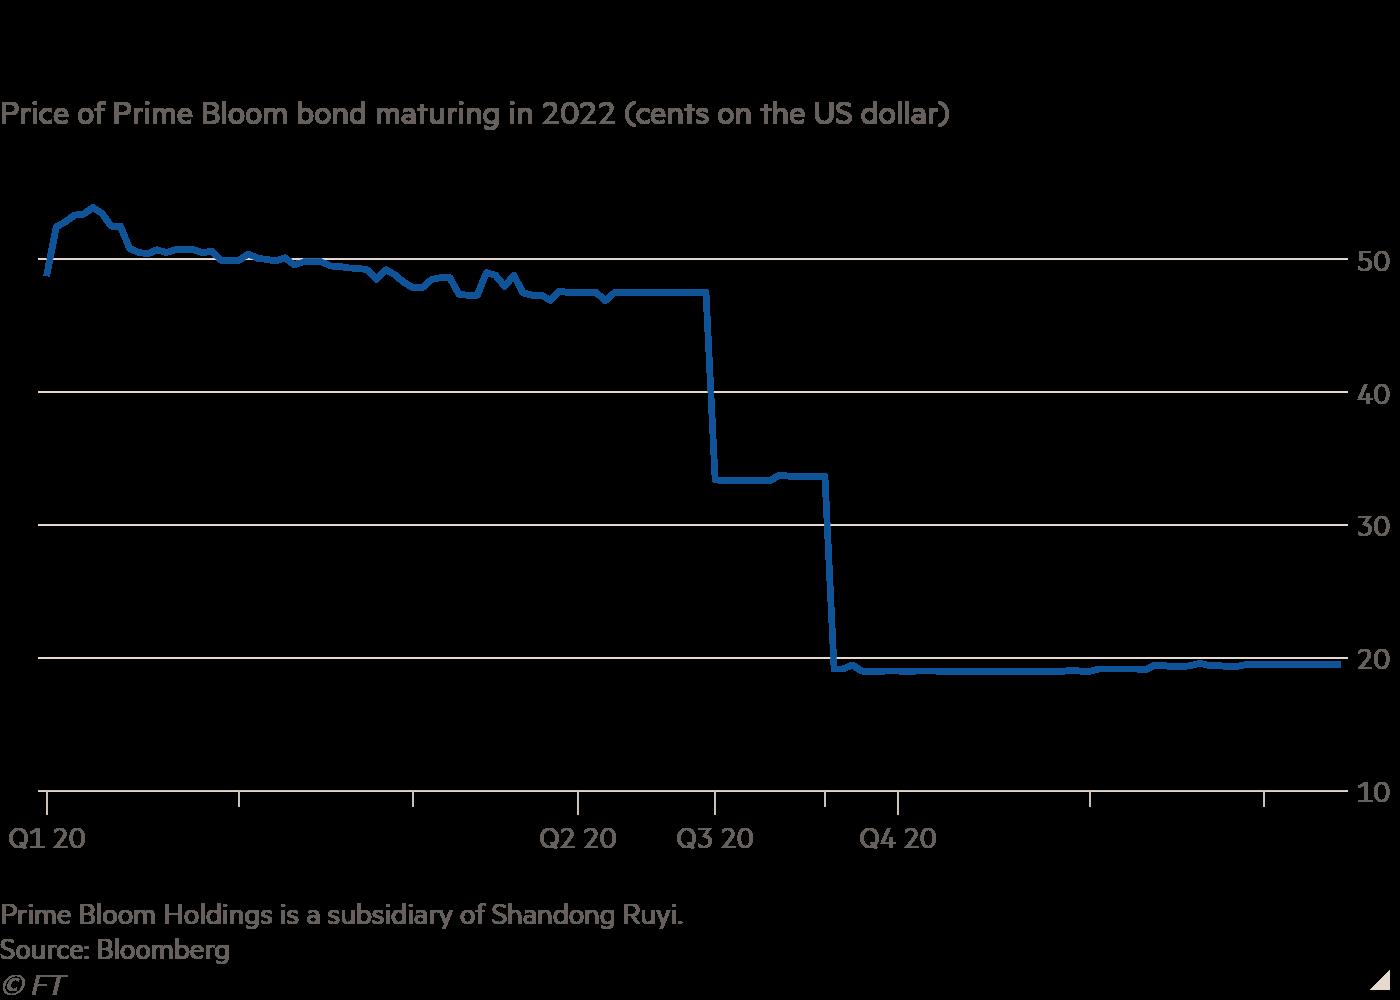 Công ty được mệnh danh là LVMH Trung Quốc vỡ nợ, rủi ro bao trùm thị trường tài chính  - Ảnh 1.